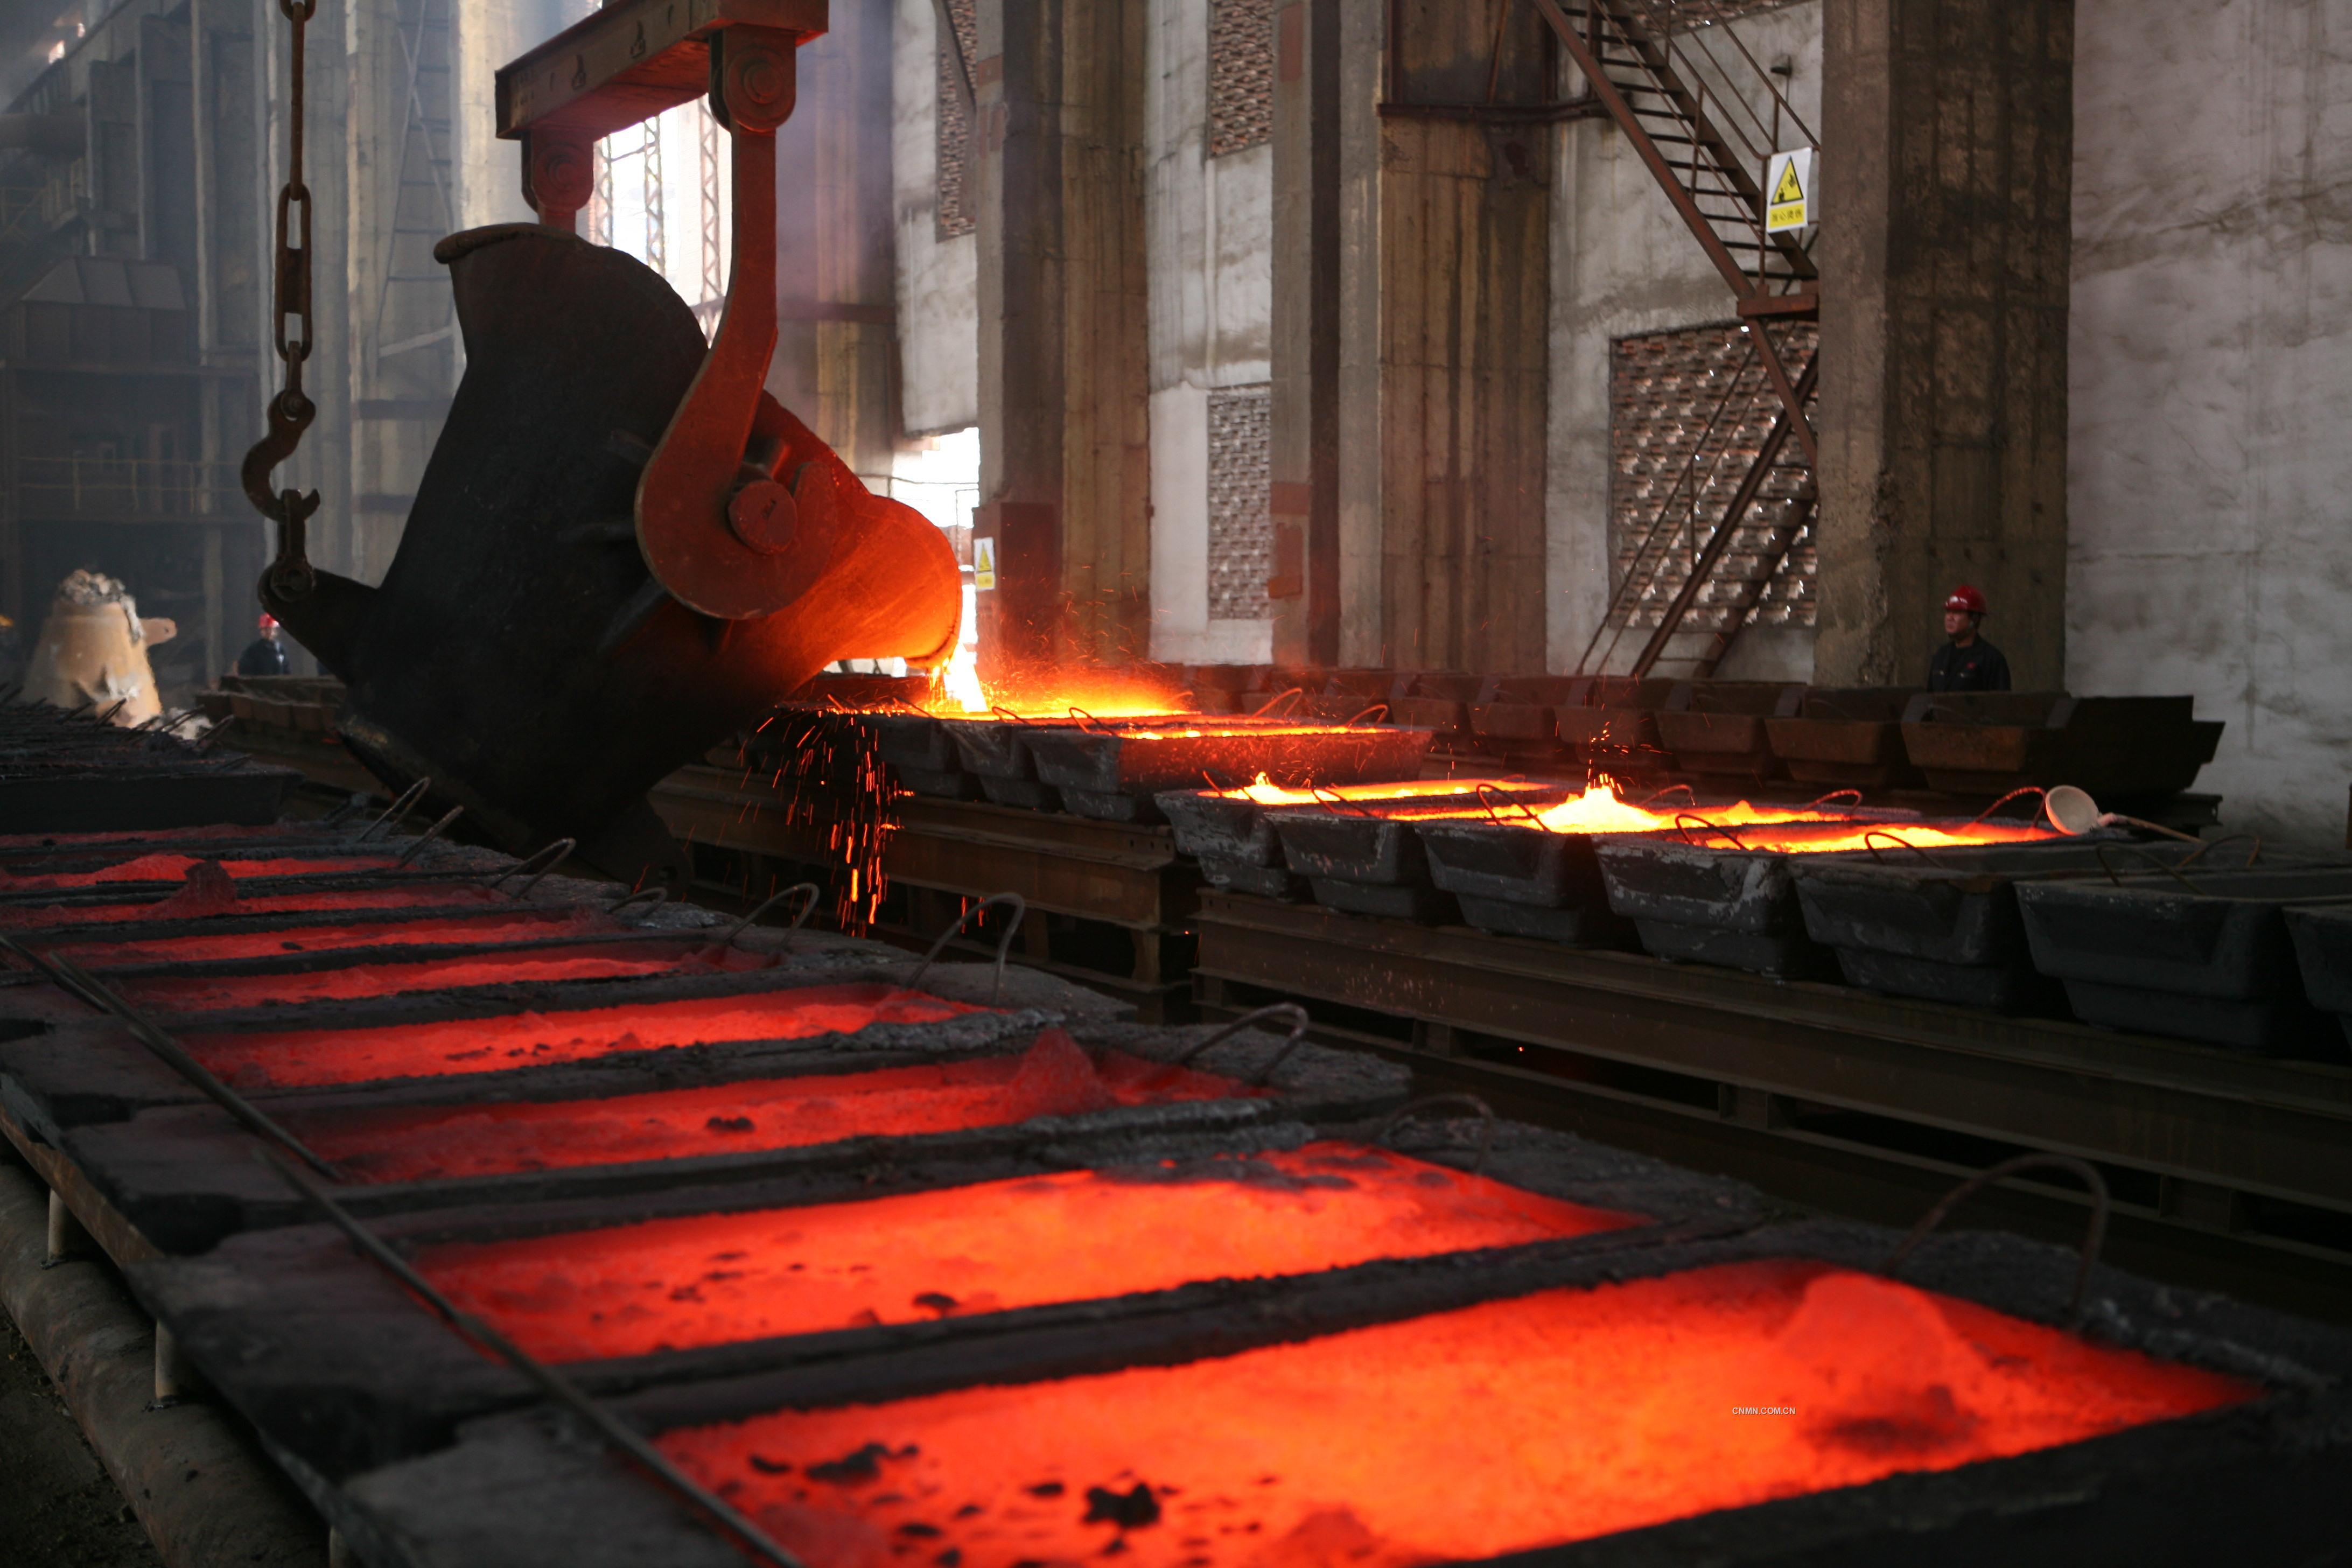 11月1日13时18分,是一个万众期盼、无限欢欣的收获时刻,在北方铜业公司精炼作业区,金黄的铜水滚滚飞溅,从2#转炉汩汩涌出,进入成型浇铸,首批48块粗铜在众人期盼的目光中,在这座沉寂了五年多的生产系统终于诞生了。这标志着北方铜业澳斯麦特炉首次投产取得了圆满成功。连日奋战在现场的干部职工们,疲惫的脸上难掩胜利的喜悦,布满红丝的双眸涌出了激动的泪水,大家热烈鼓掌,纷纷举起相机记录历史性的时刻。霎时间,铜系统广场上空鞭炮齐鸣,现场的干部职工欢呼雀跃,为这个振奋人心的时刻庆贺。   葫芦岛有色股东、宏跃集